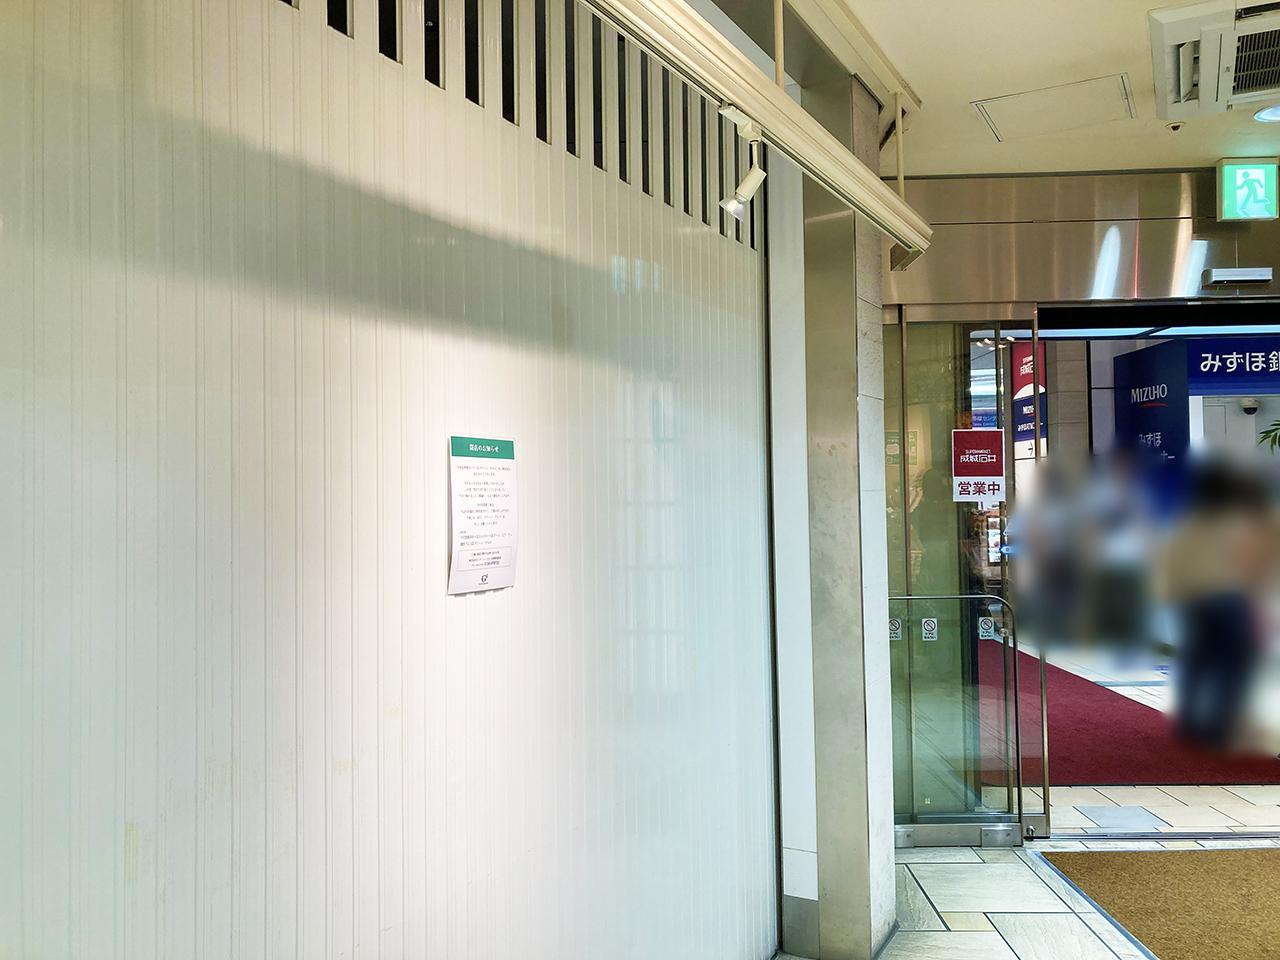 小田急多摩センターのグリーン・グルメが臨時休業を経て閉店してしまいました